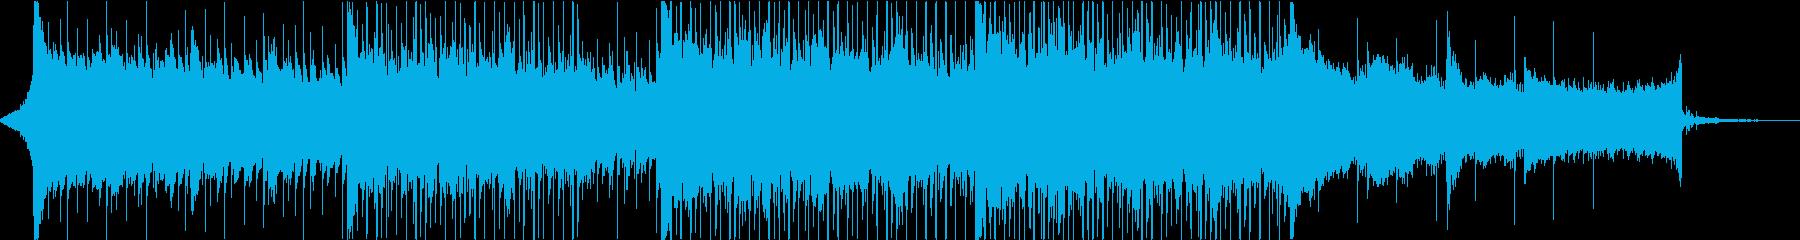 映像作品向きな爽快なBGM ショートの再生済みの波形